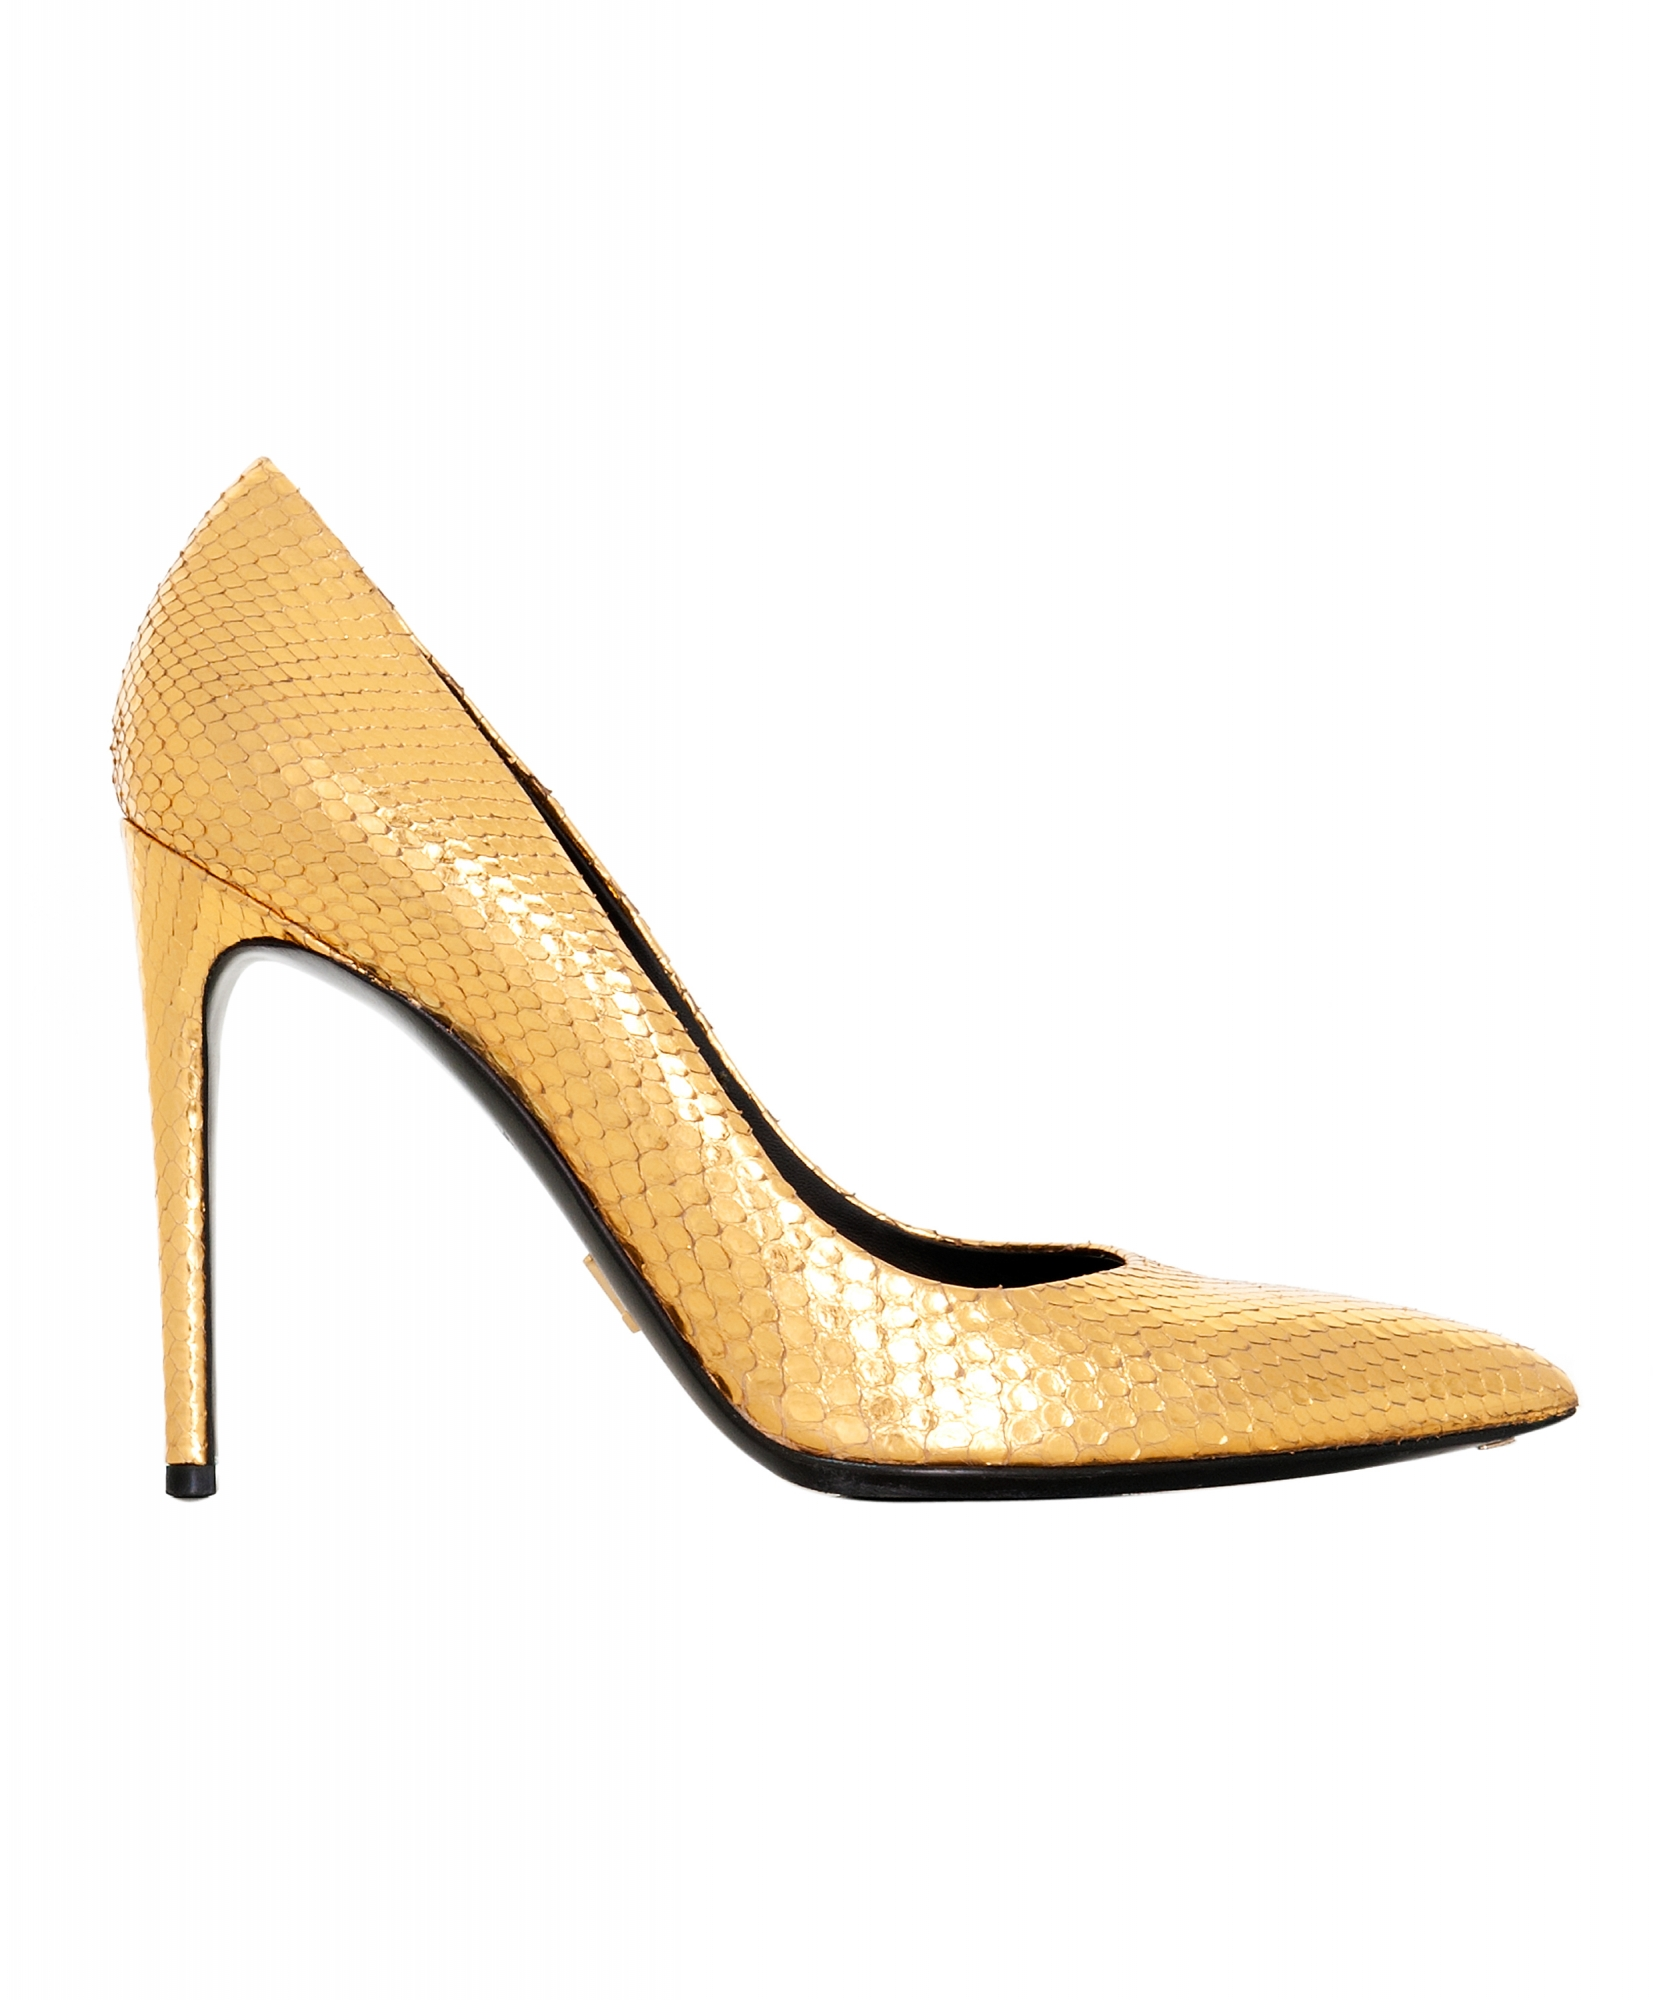 Louis Vuitton Gold Python Leather Pumps